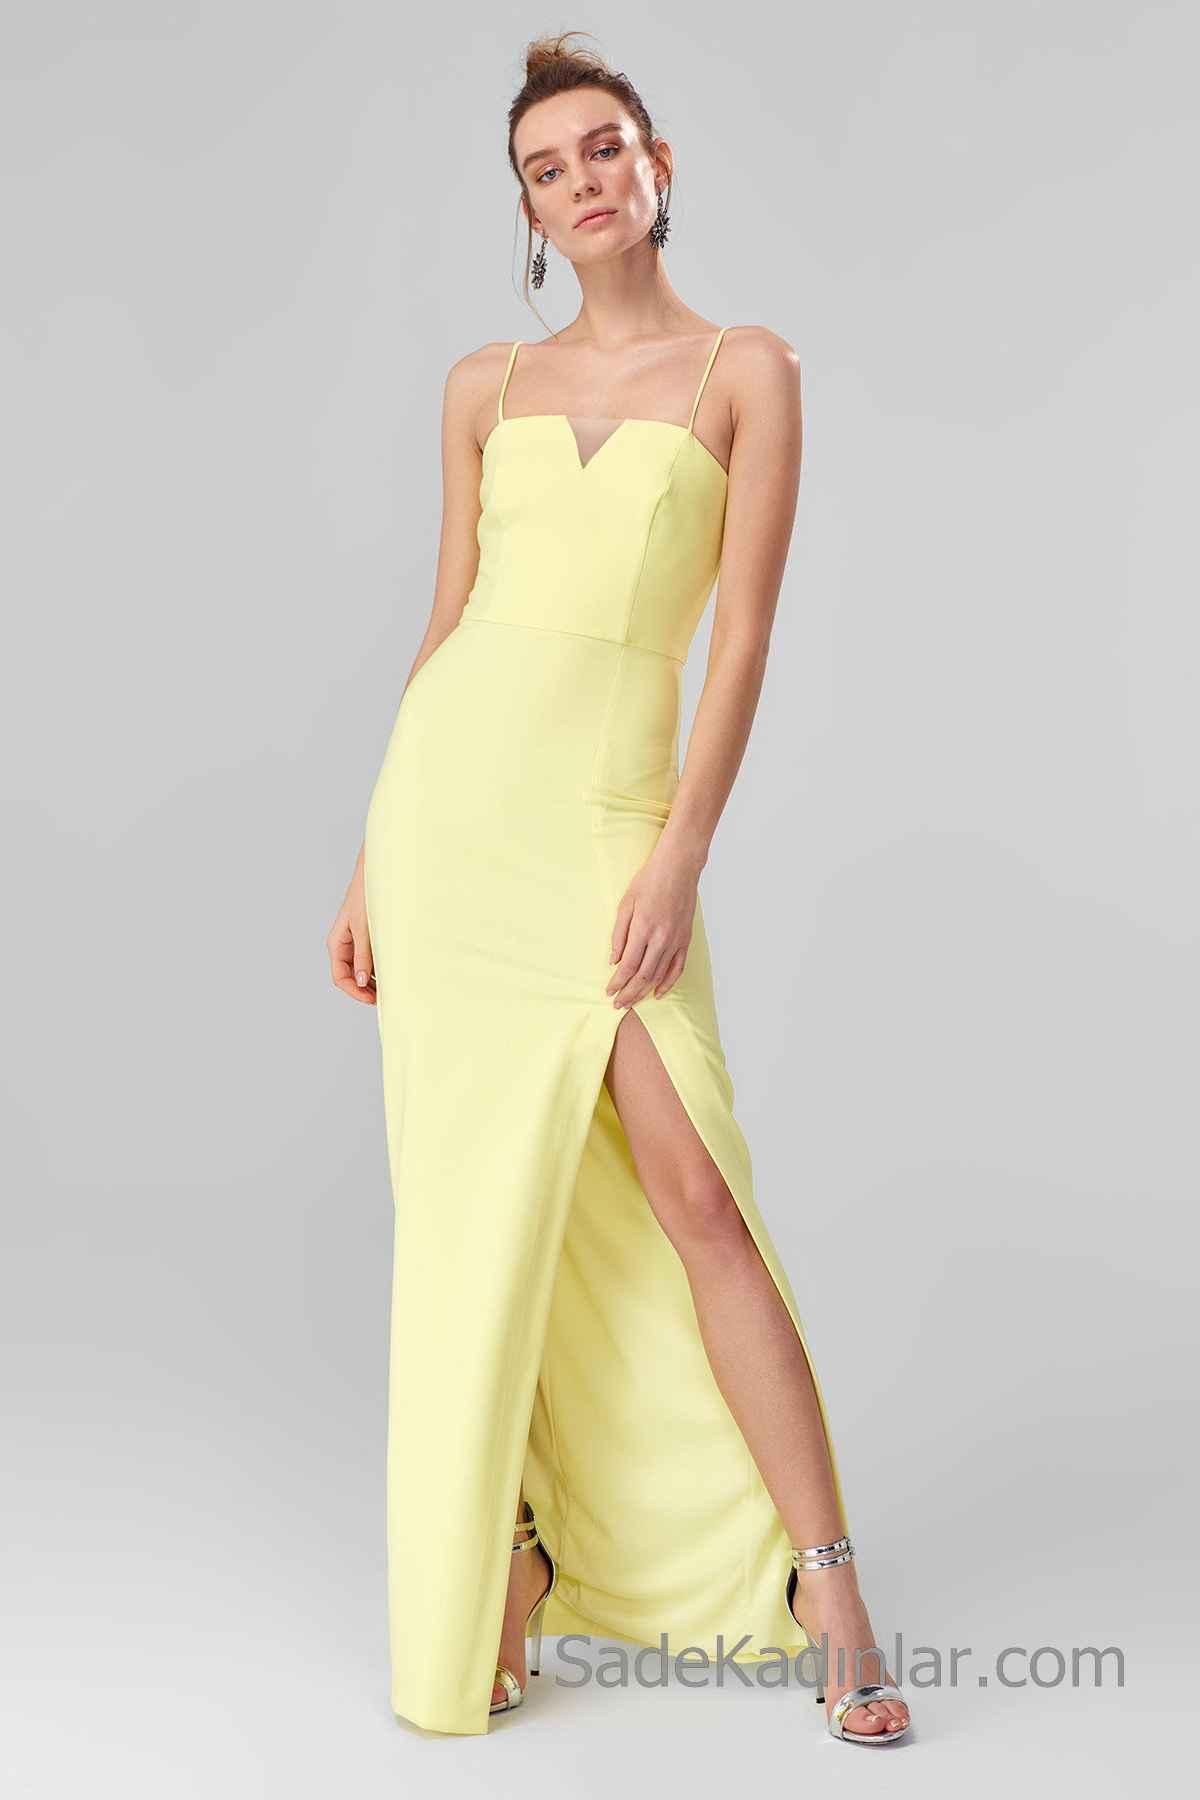 2020 Uzun Abiye Modelleri Sarı uzun İp Askılı Önden Yırtmaç Detaylı